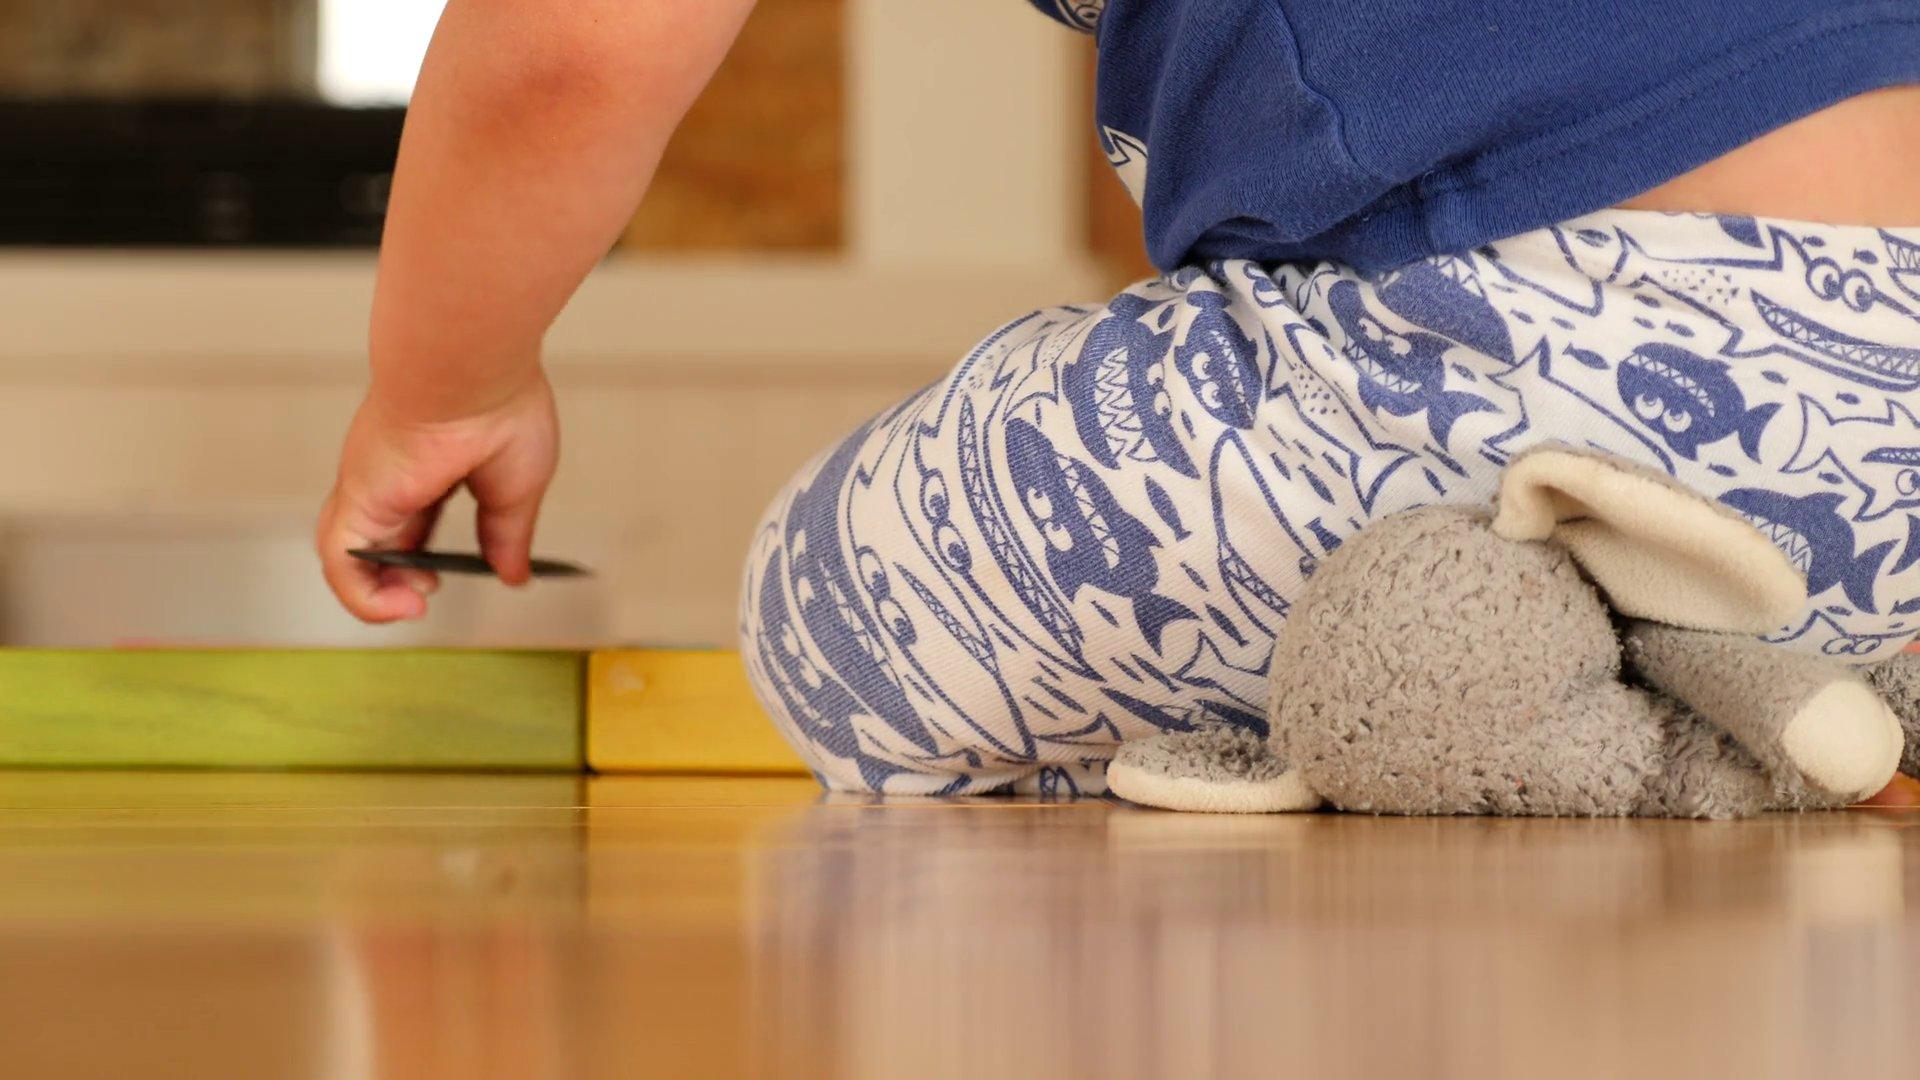 videoblocks cute toddler boy playing with blocks in home in pajamas hp2x5ahhf thumbnail full01.png?resize=412,232 - Por que as vezes, algumas crianças entre 3 a 10 anos sentem muita dor nas pernas? Veja motivo: